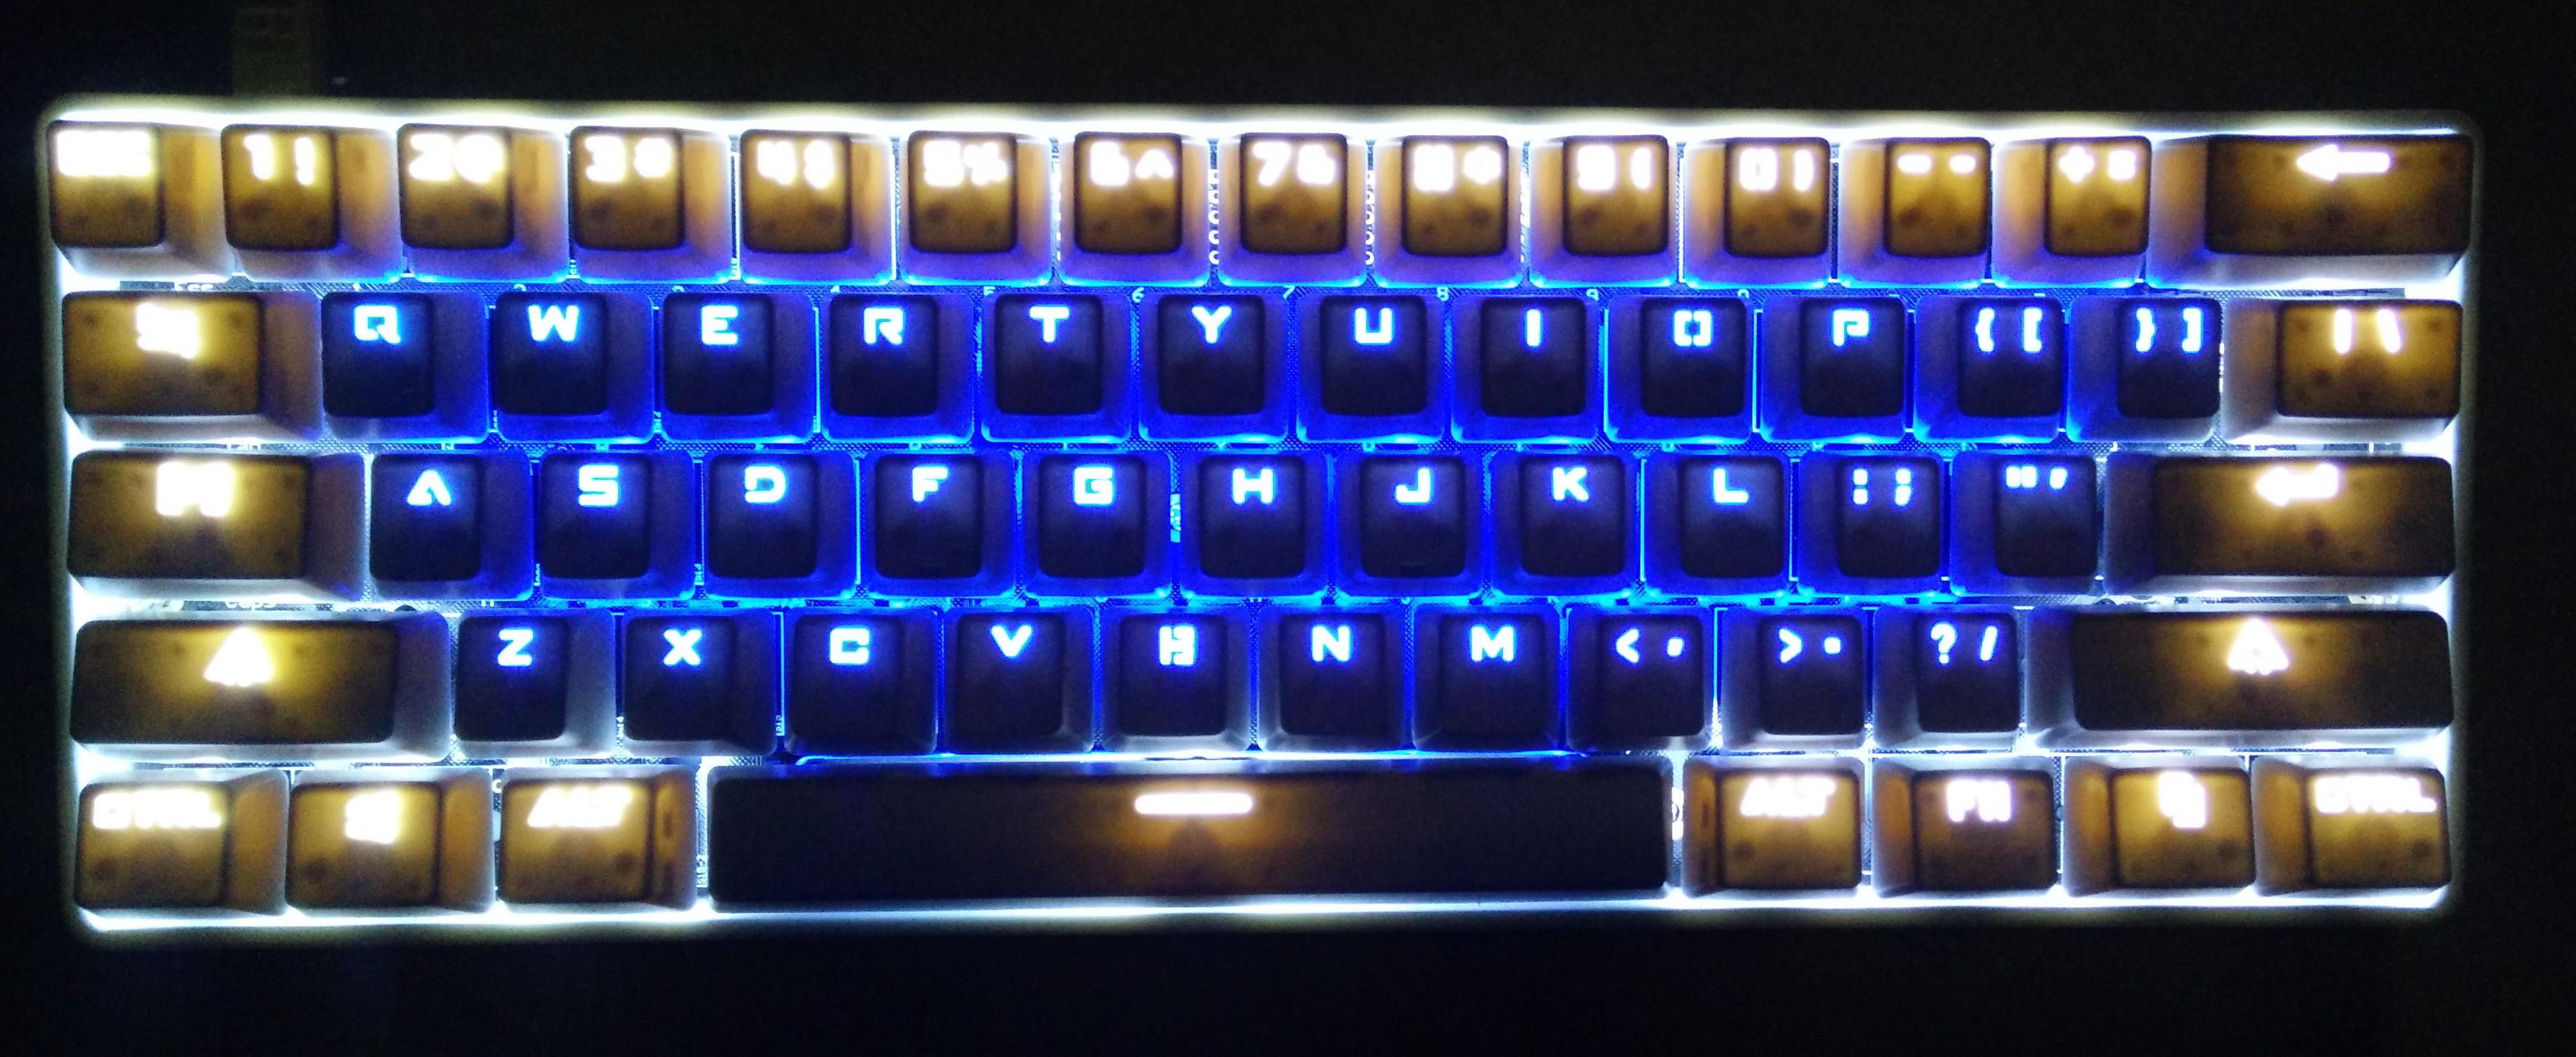 字母区冰蓝,周围白色,老鸨的ABS键帽,效果有点搓,键帽里面的点都能看到了。